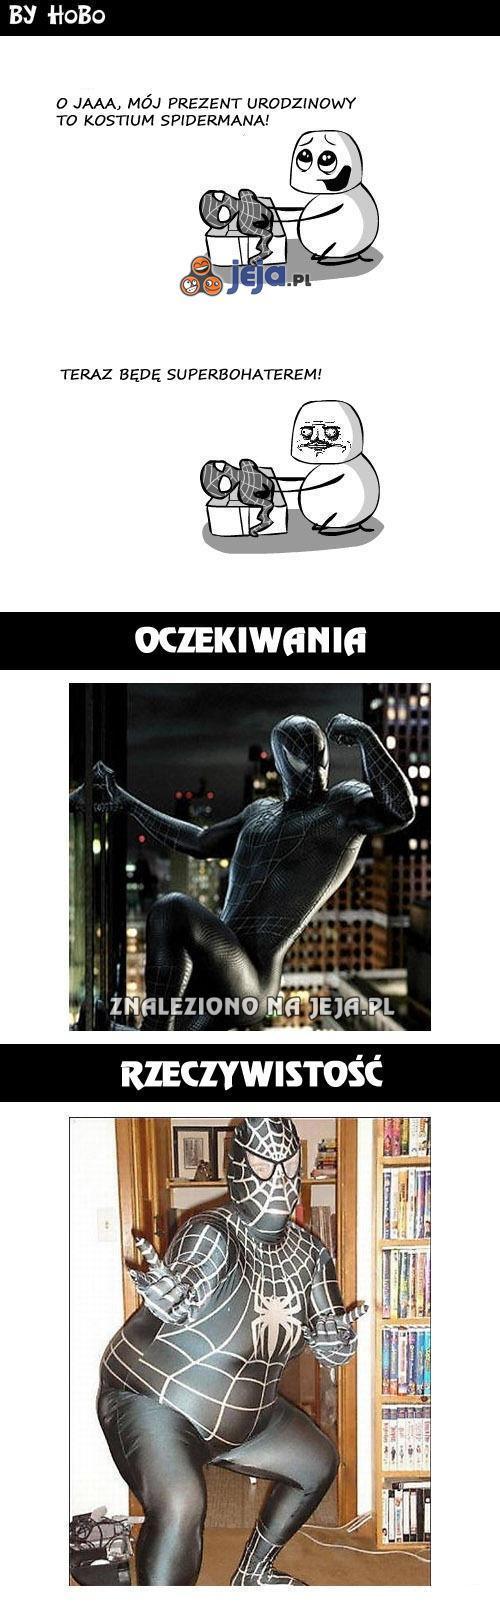 Spiderman? Nie sądzę